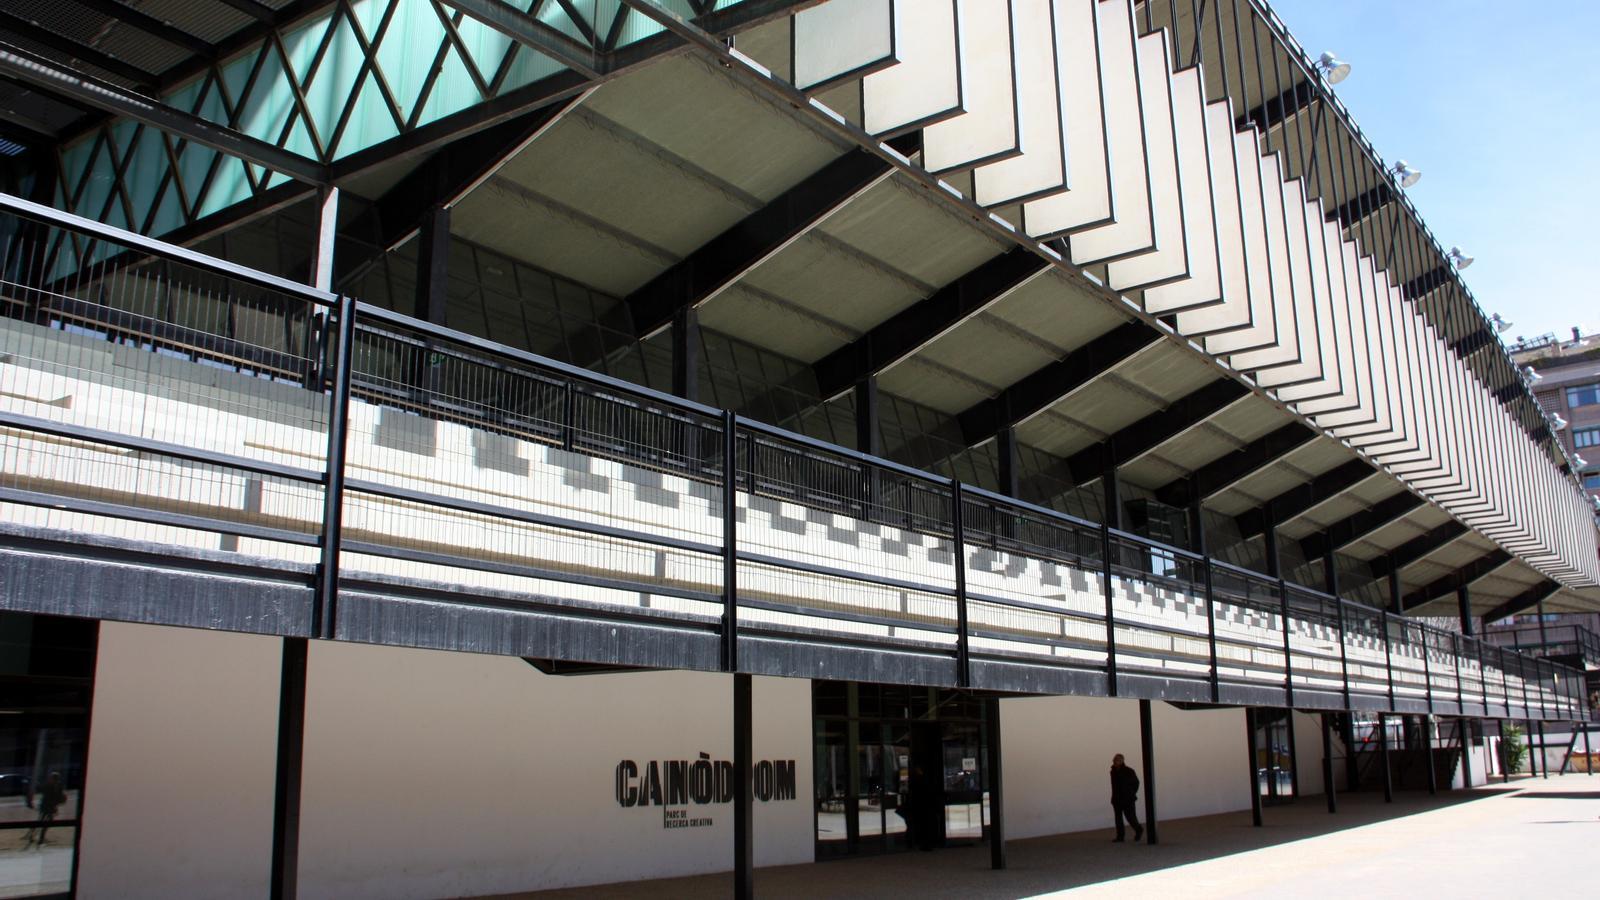 El Canòdrom